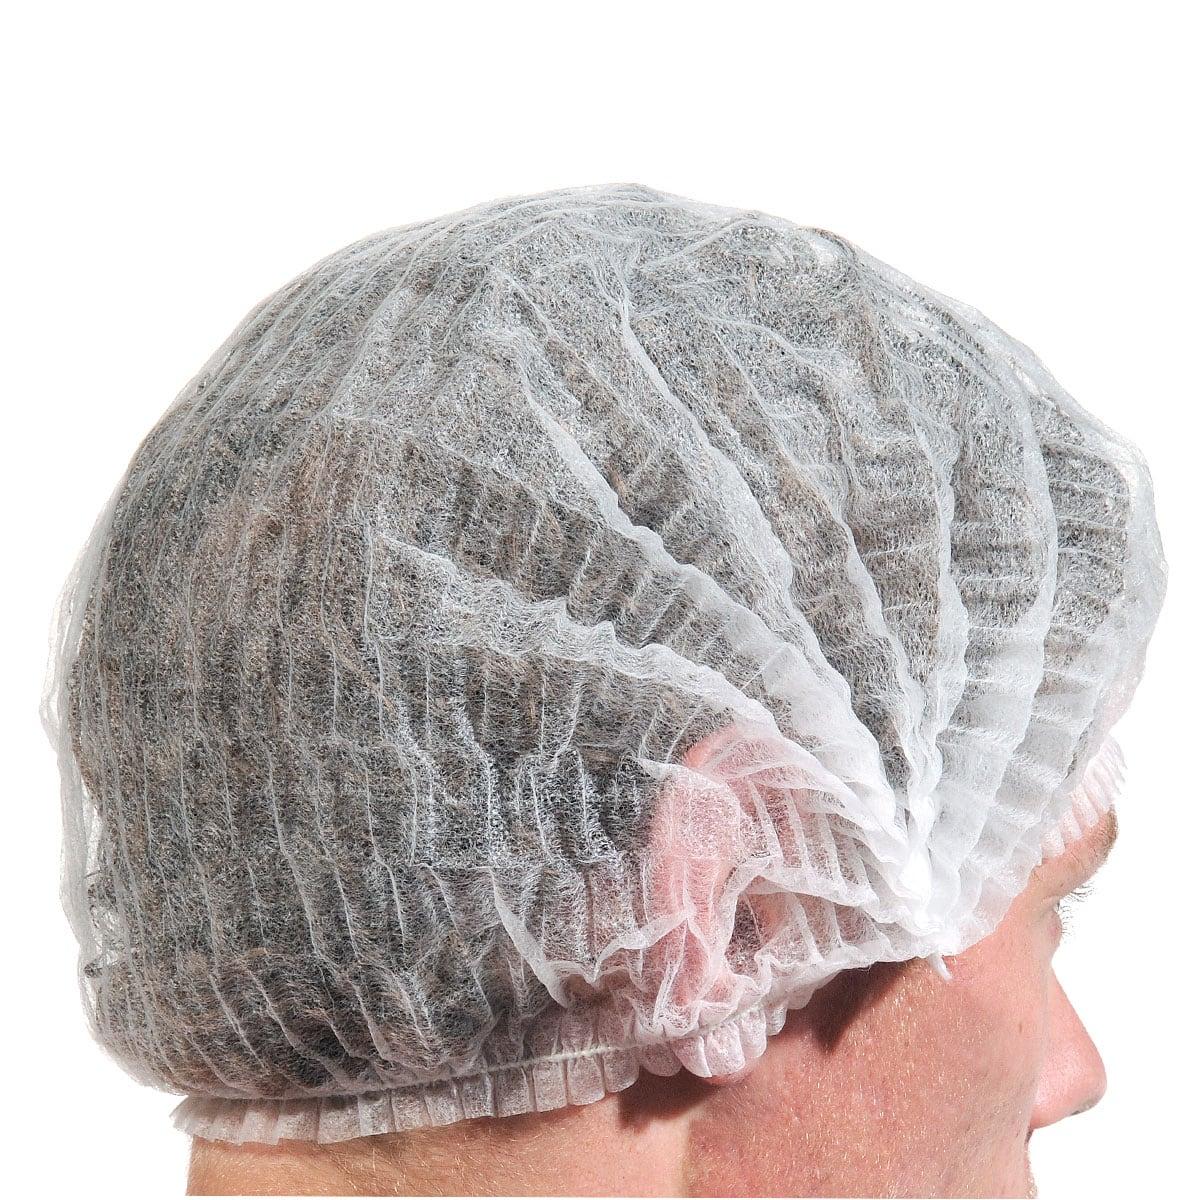 hair net for cleanroom